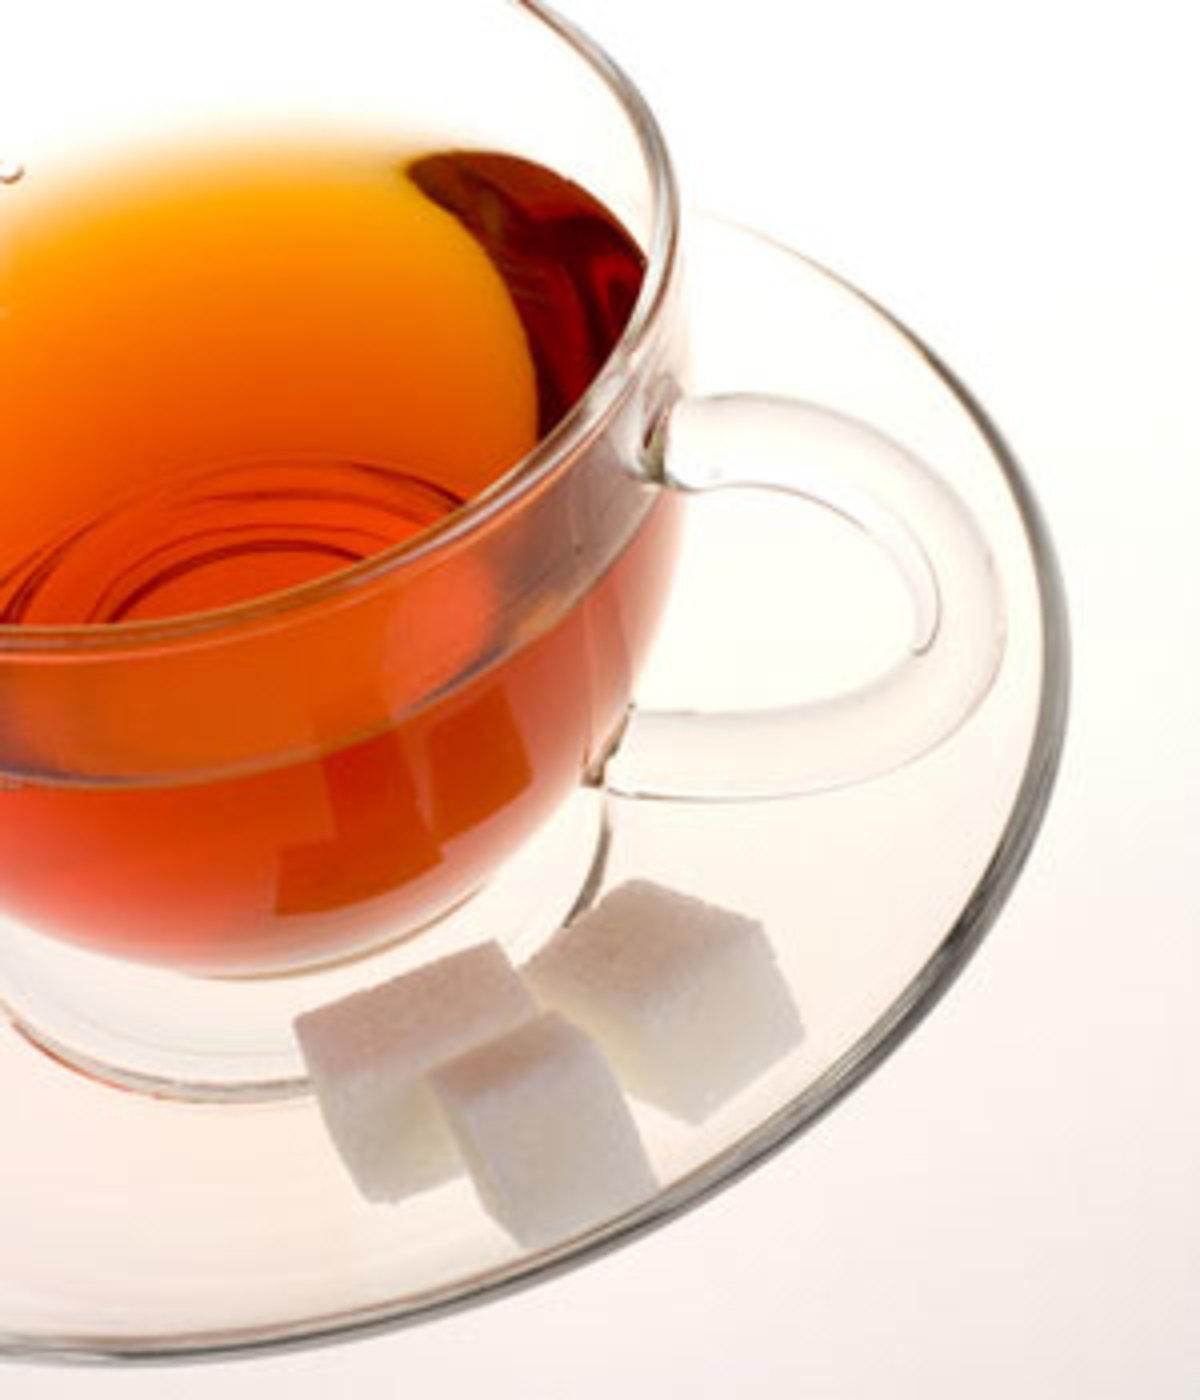 Εντοπίστηκε τσάι με κάδμιο και μόλυβδο | Newsit.gr